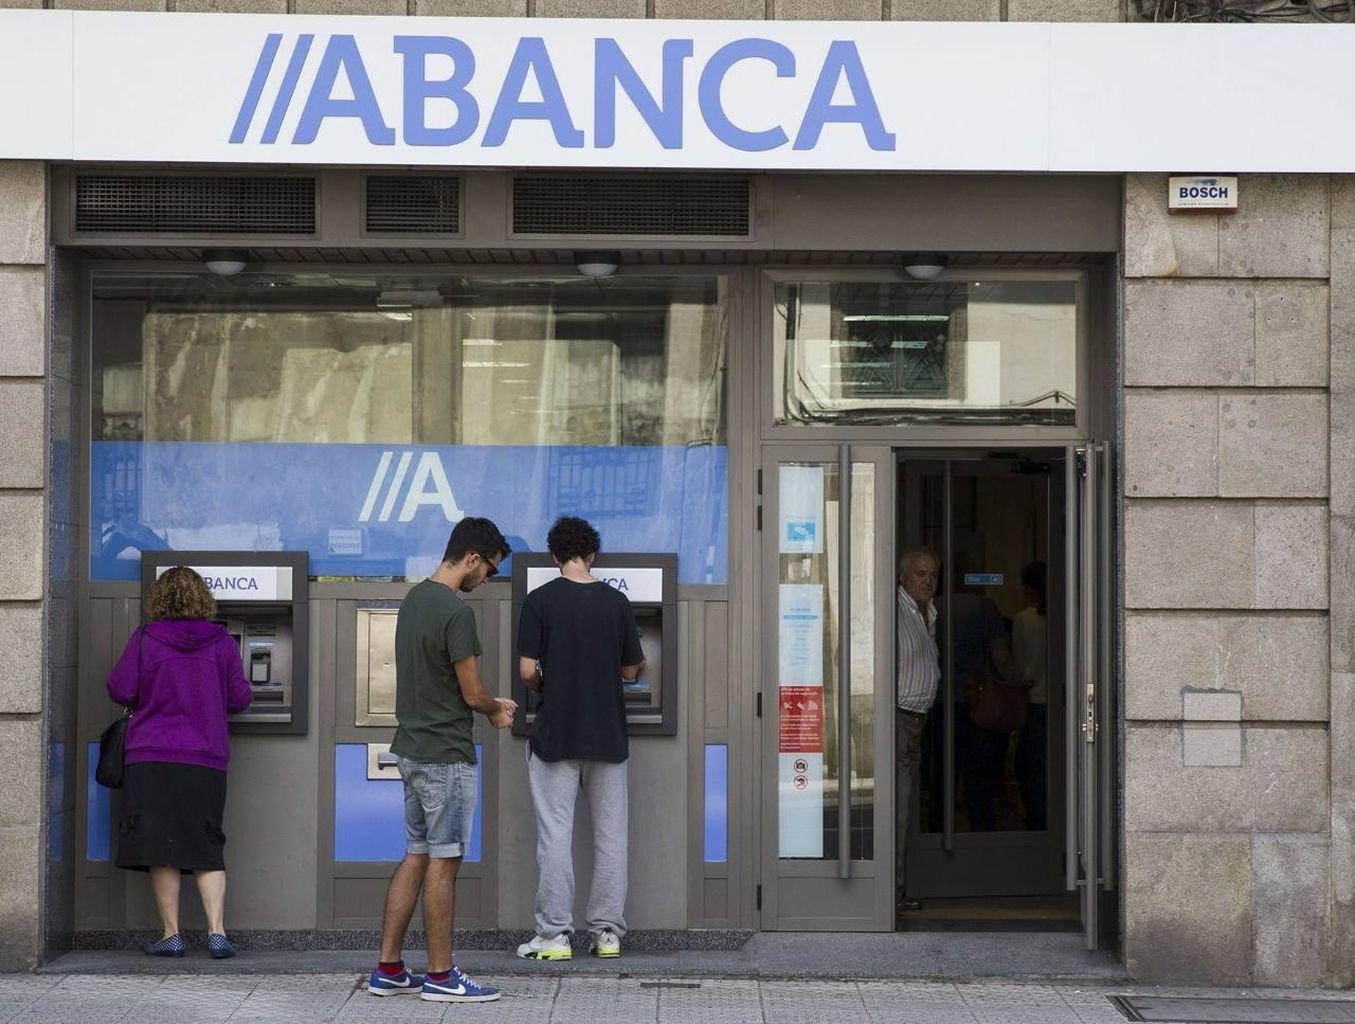 Abanca fortalece su posici n de liderazgo bancario gallego for A banca oficinas